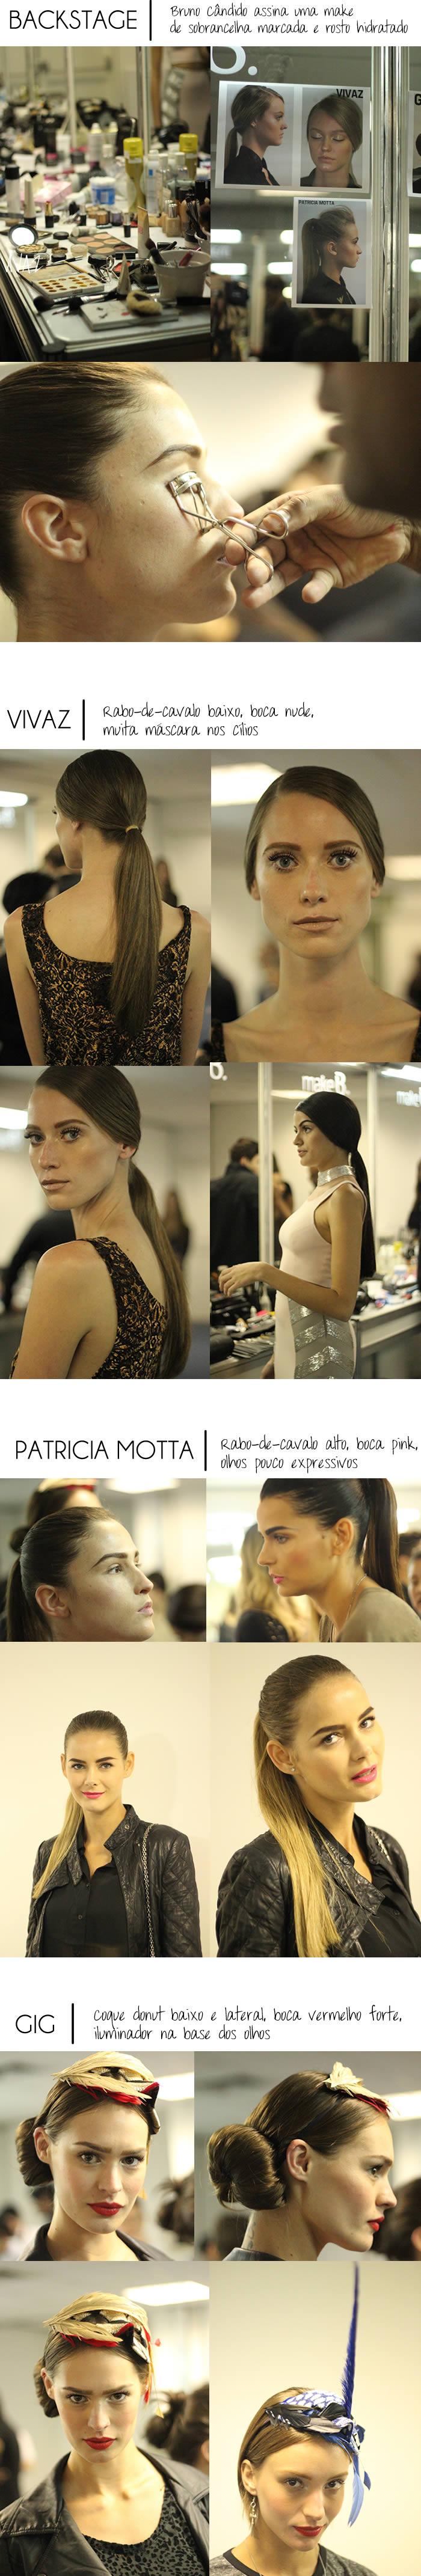 backstage-desfile-vivaz-gig-patriciamotta-minas-trend-verao-2014